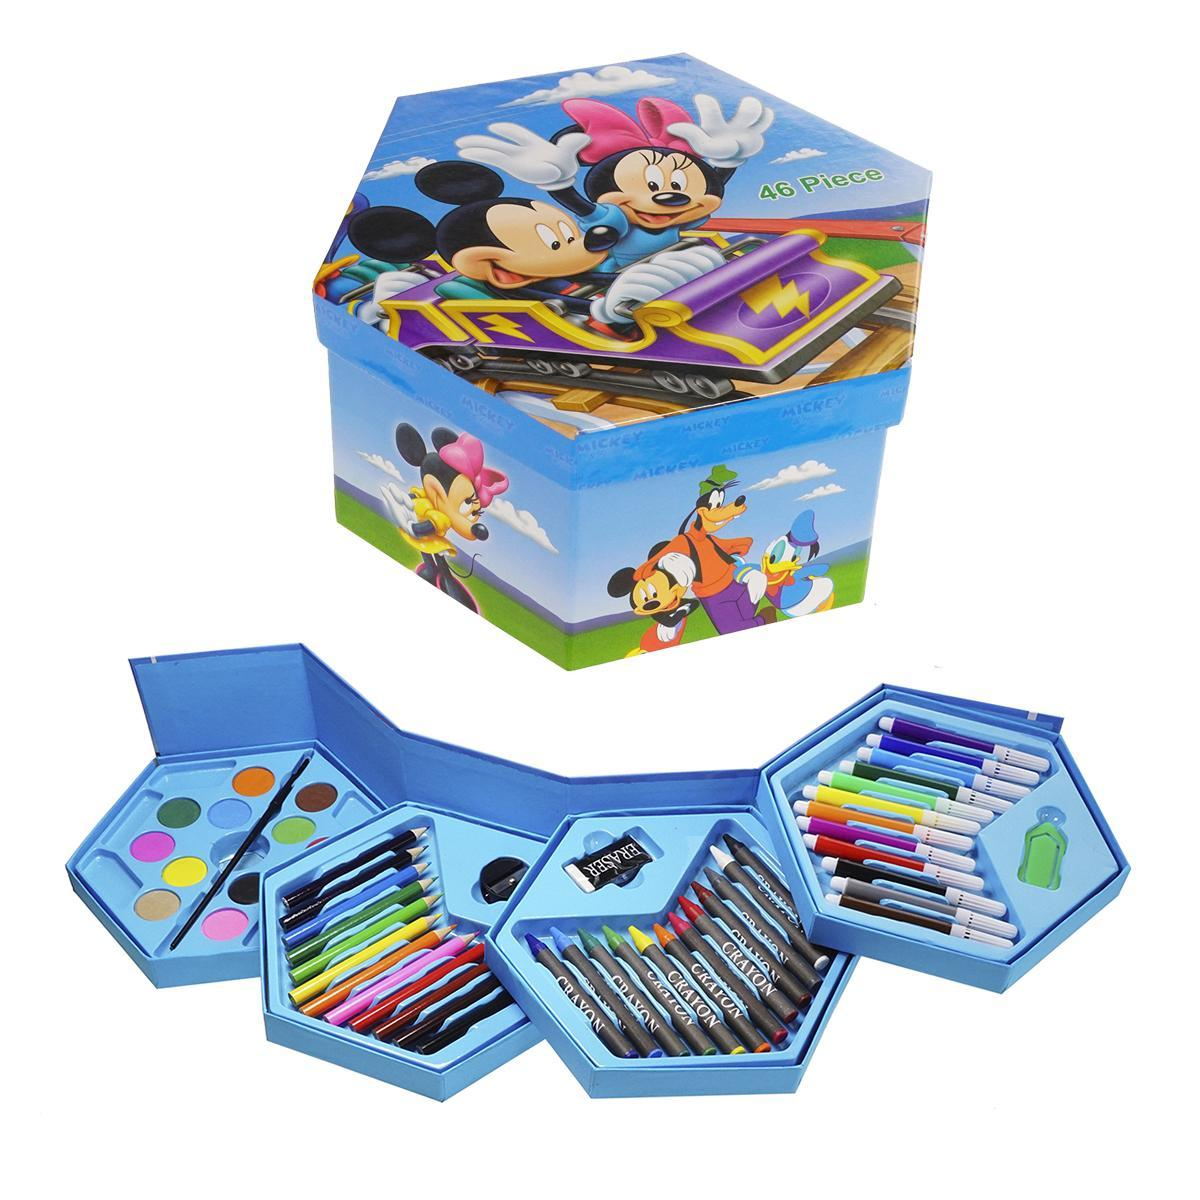 Набір для малювання в розкладний коробочці Міккі Маус, 46 предметів (5824)